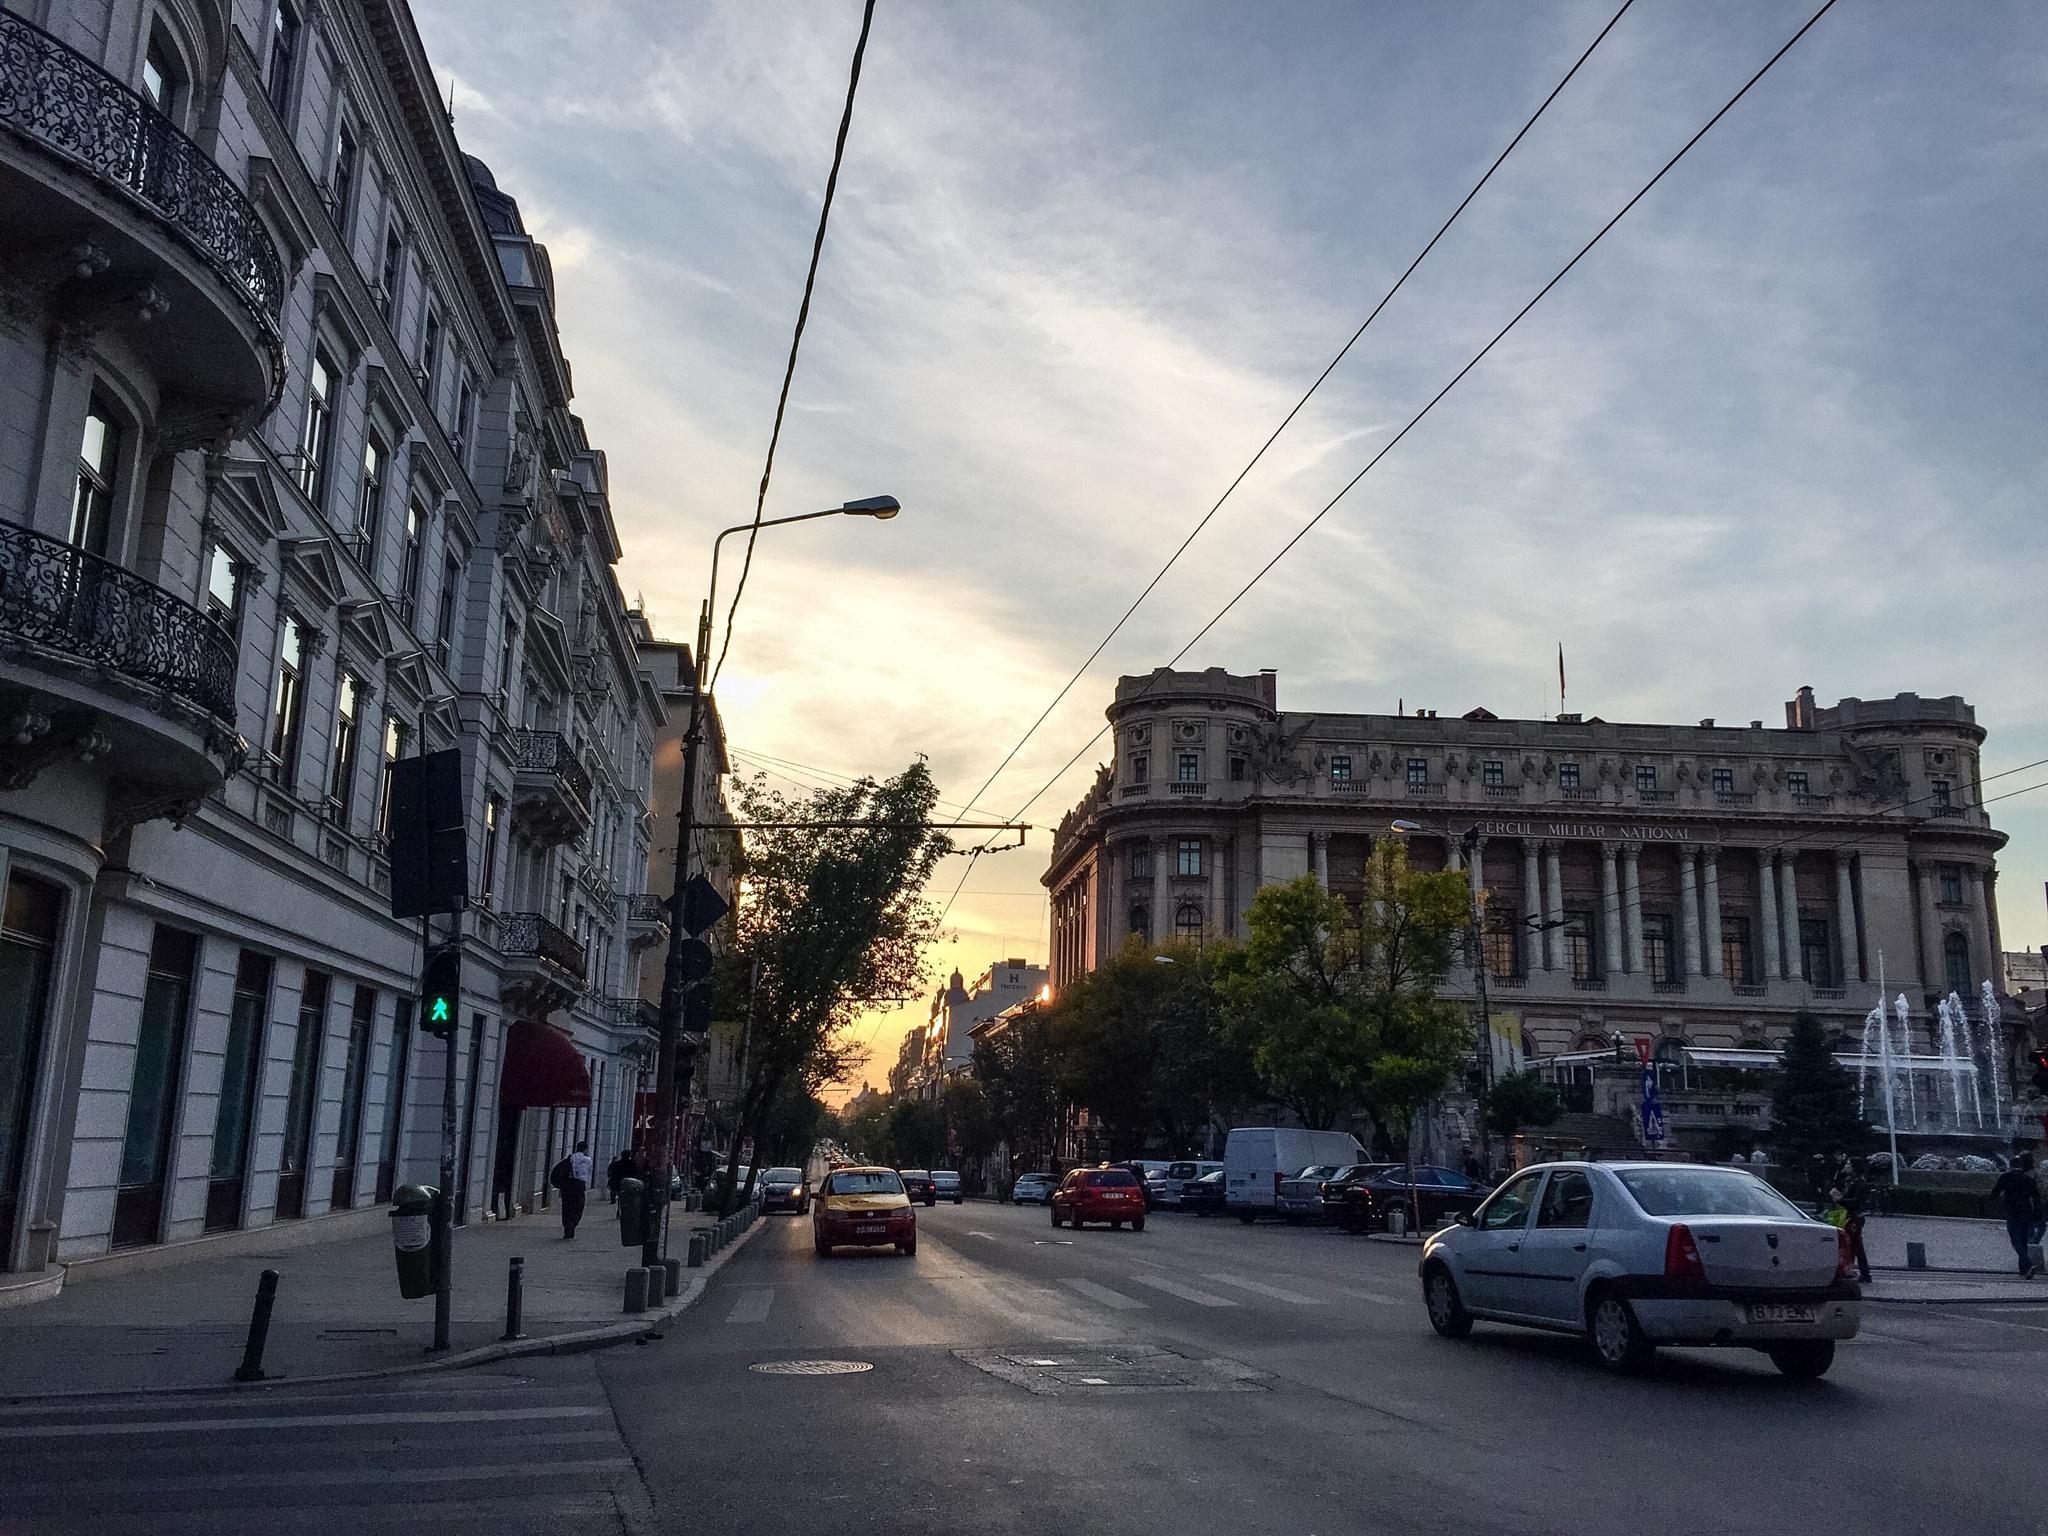 My lovely city by MariusAndreas18